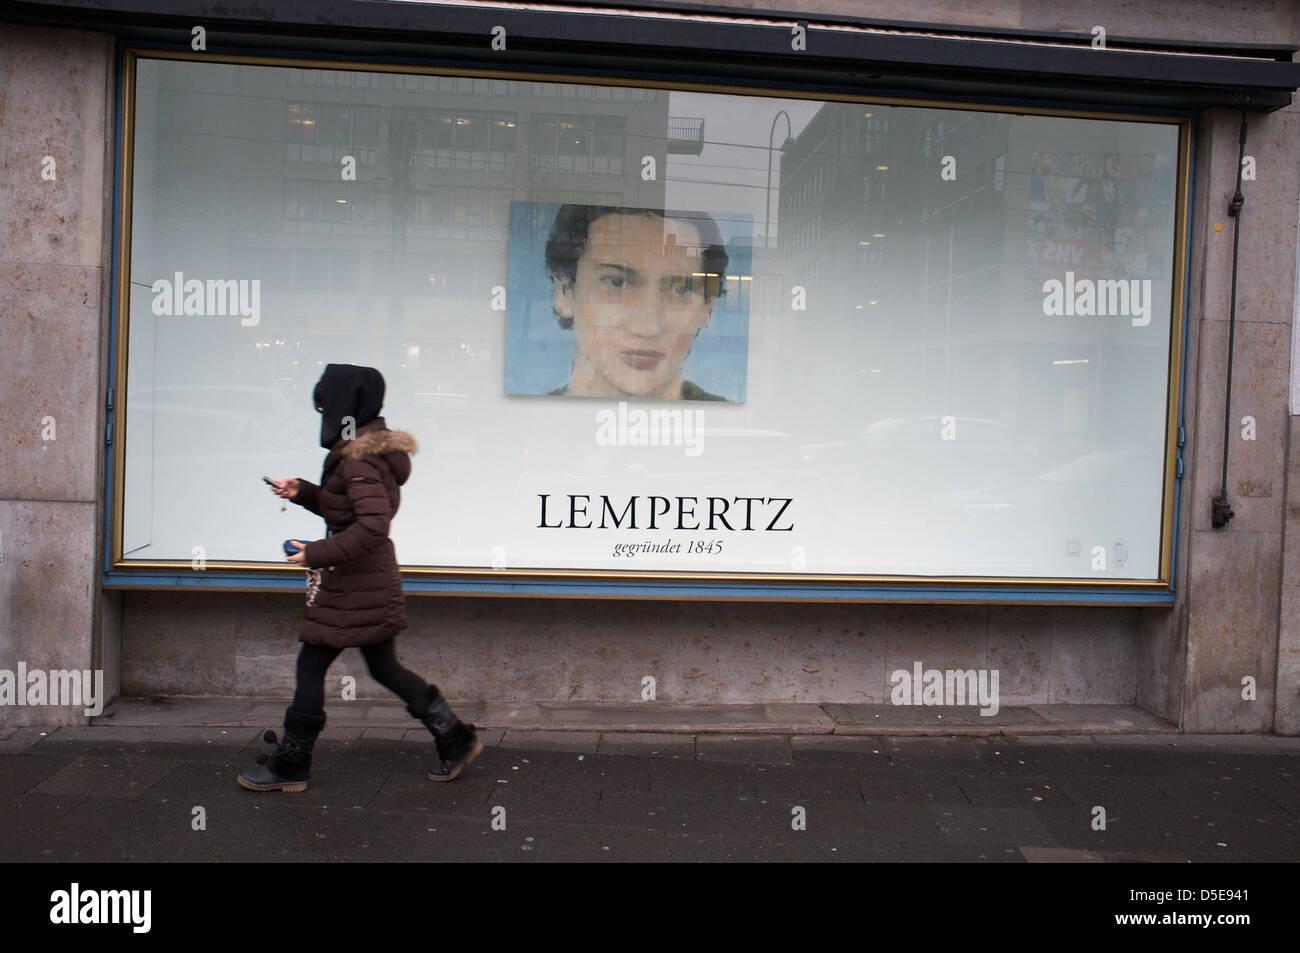 Lempertz gallery Cologne - Stock Image